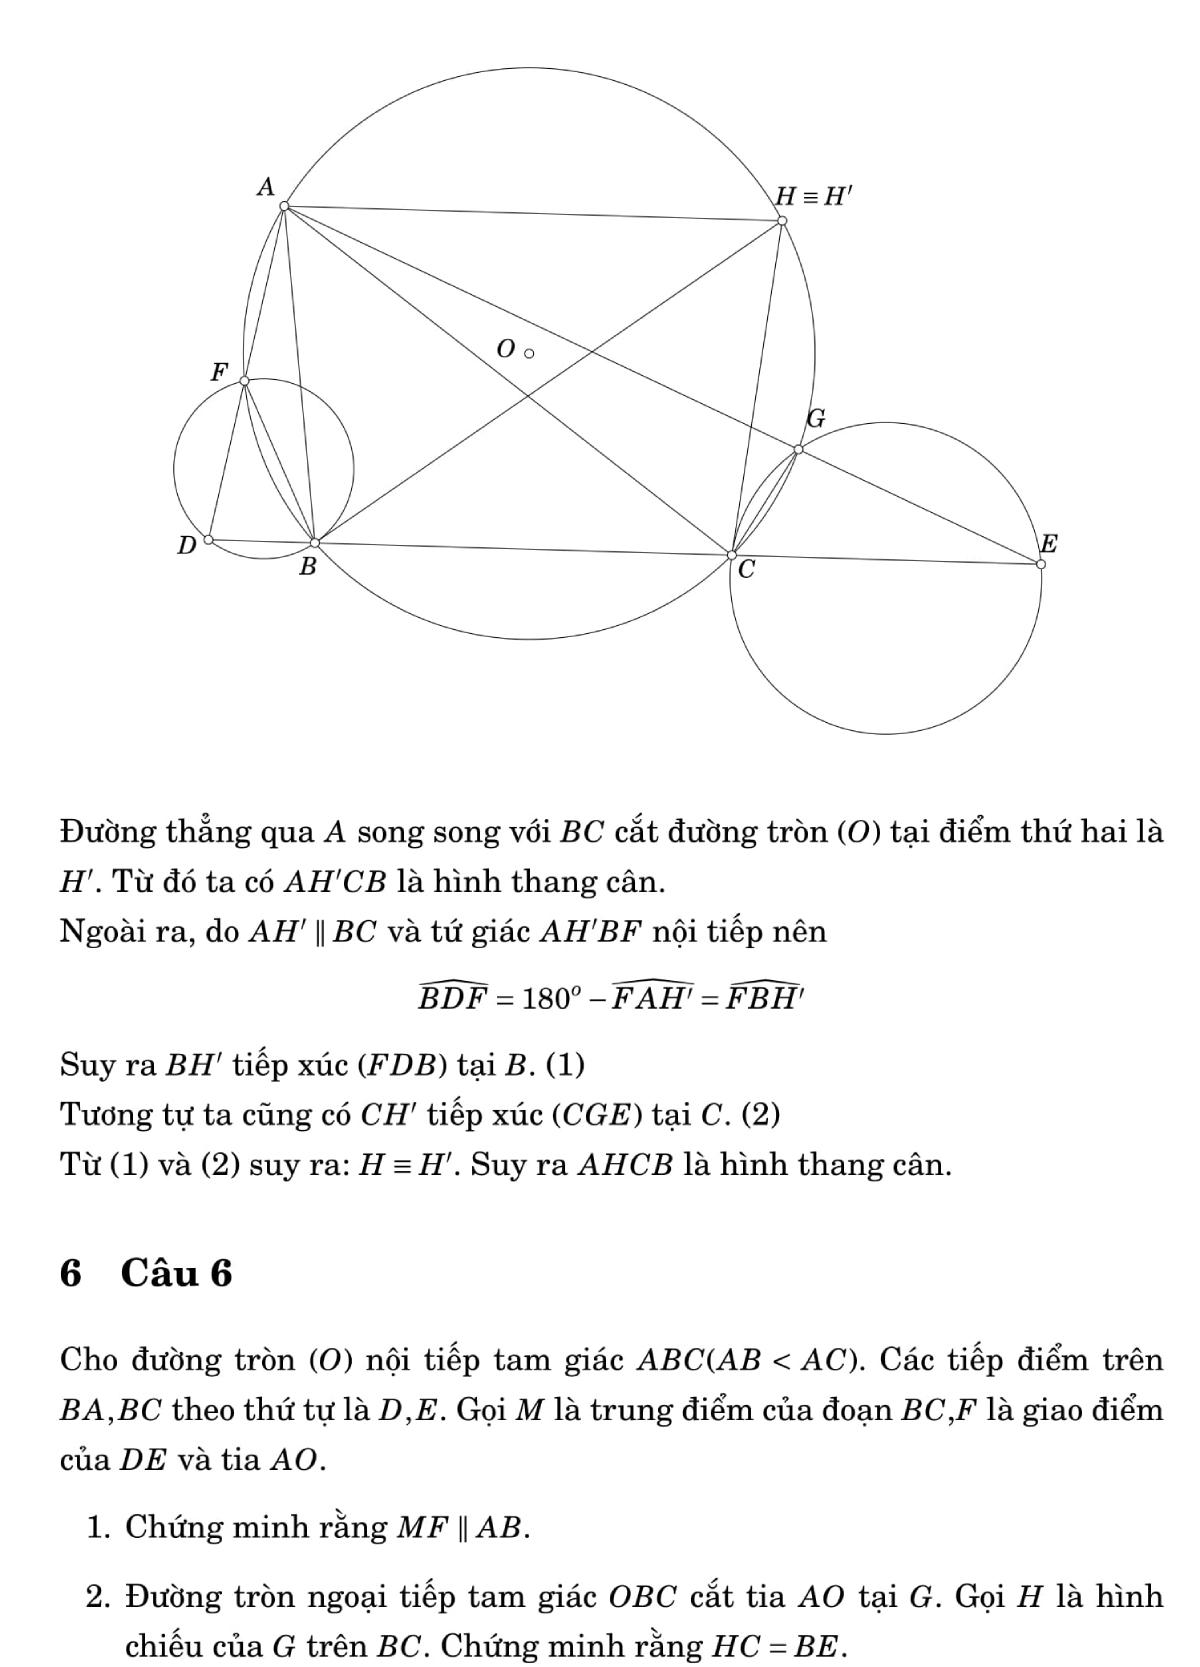 Giải đề Toán chuyên vào lớp 10 ở Đà Nẵng - 7